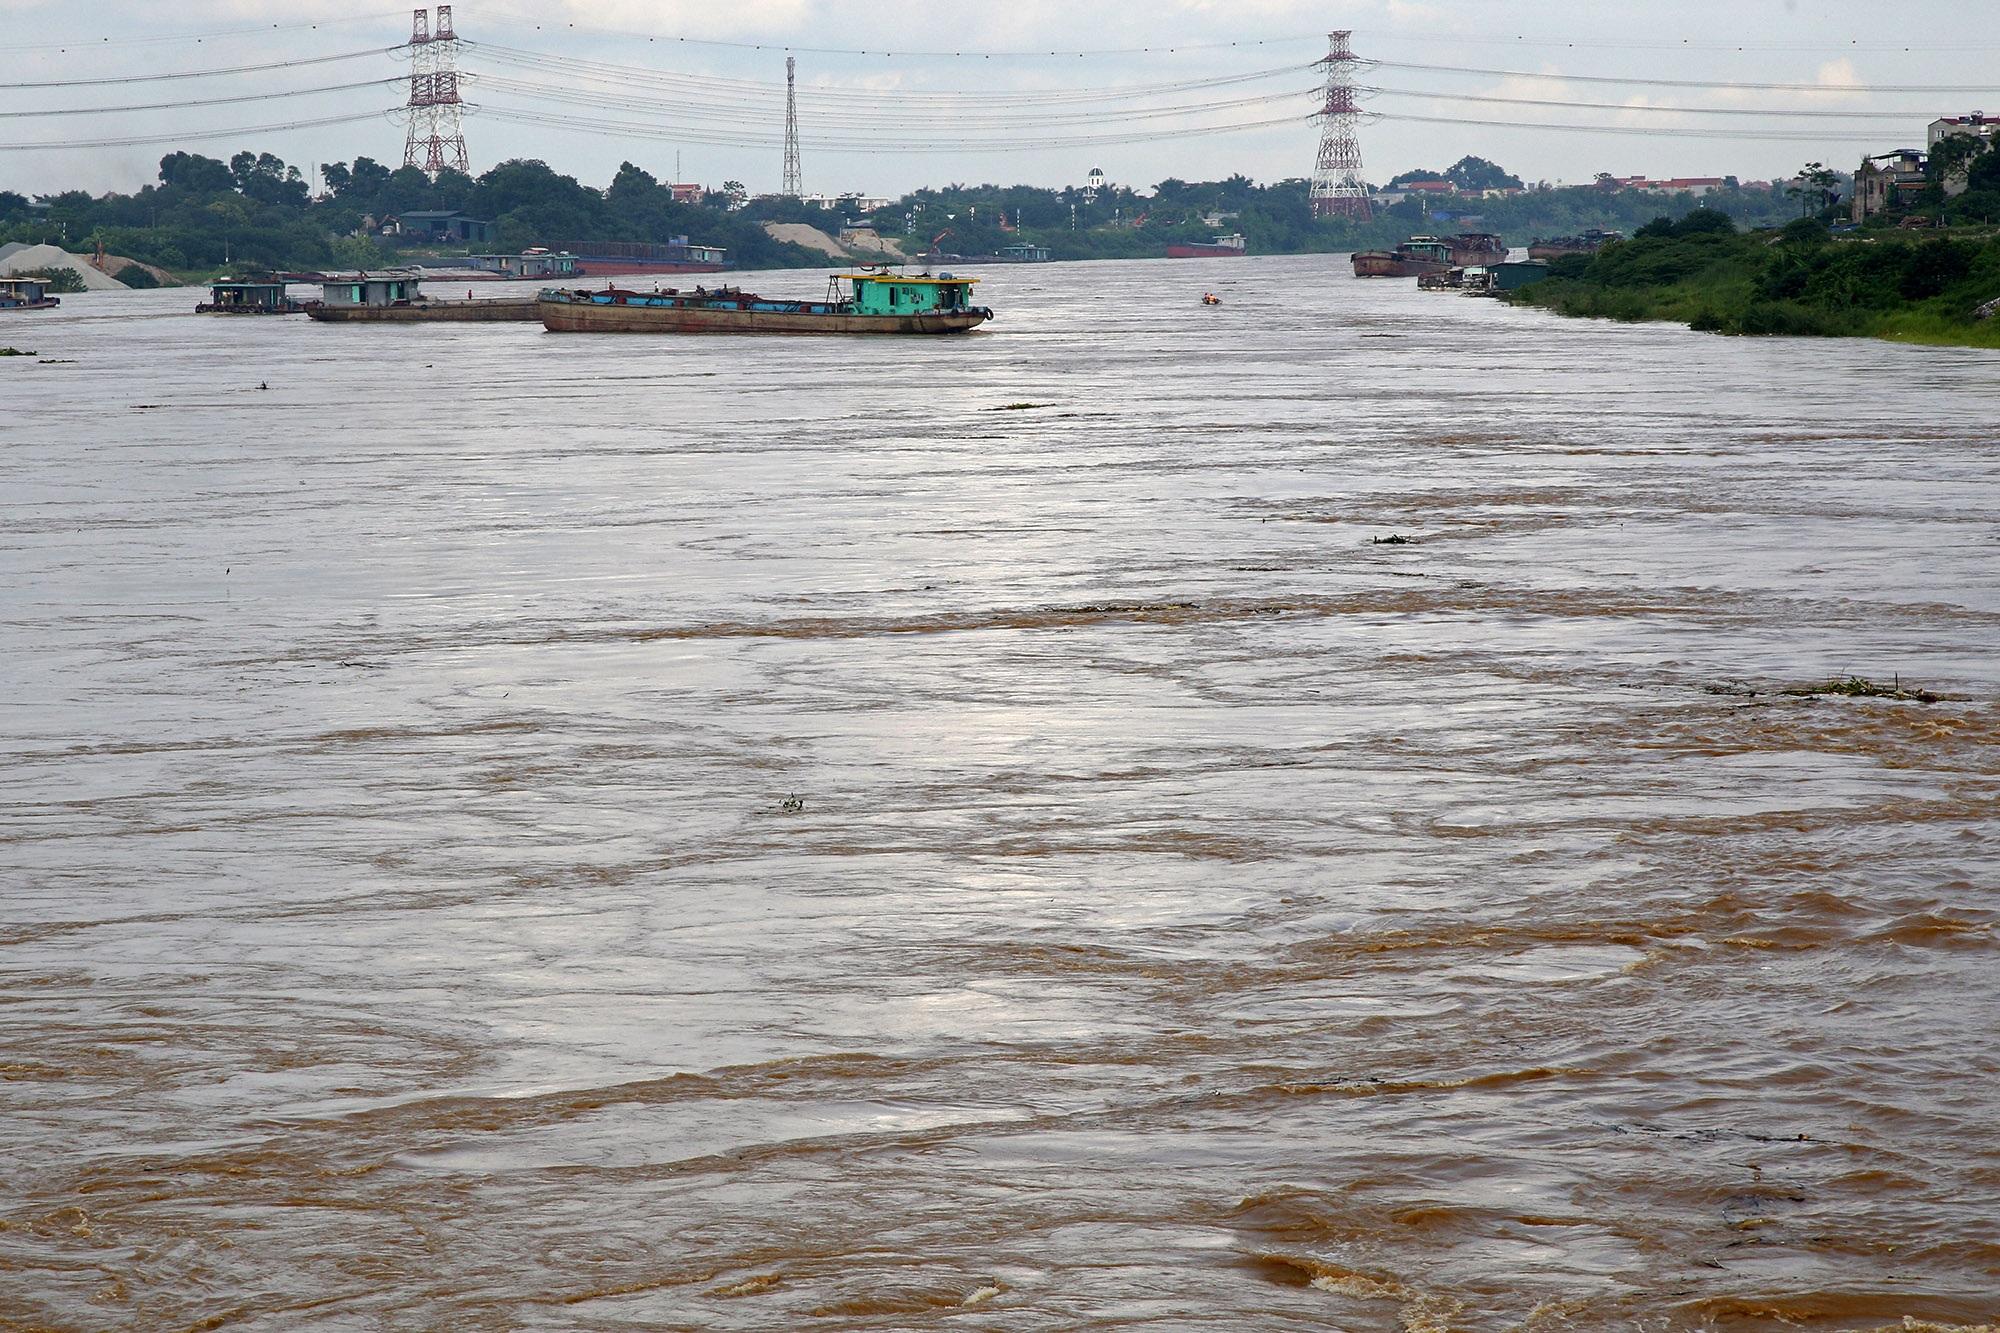 Cảnh nước dâng cao, chảy cuồn cuộn trên sông Hồng, sông Đuống - 4